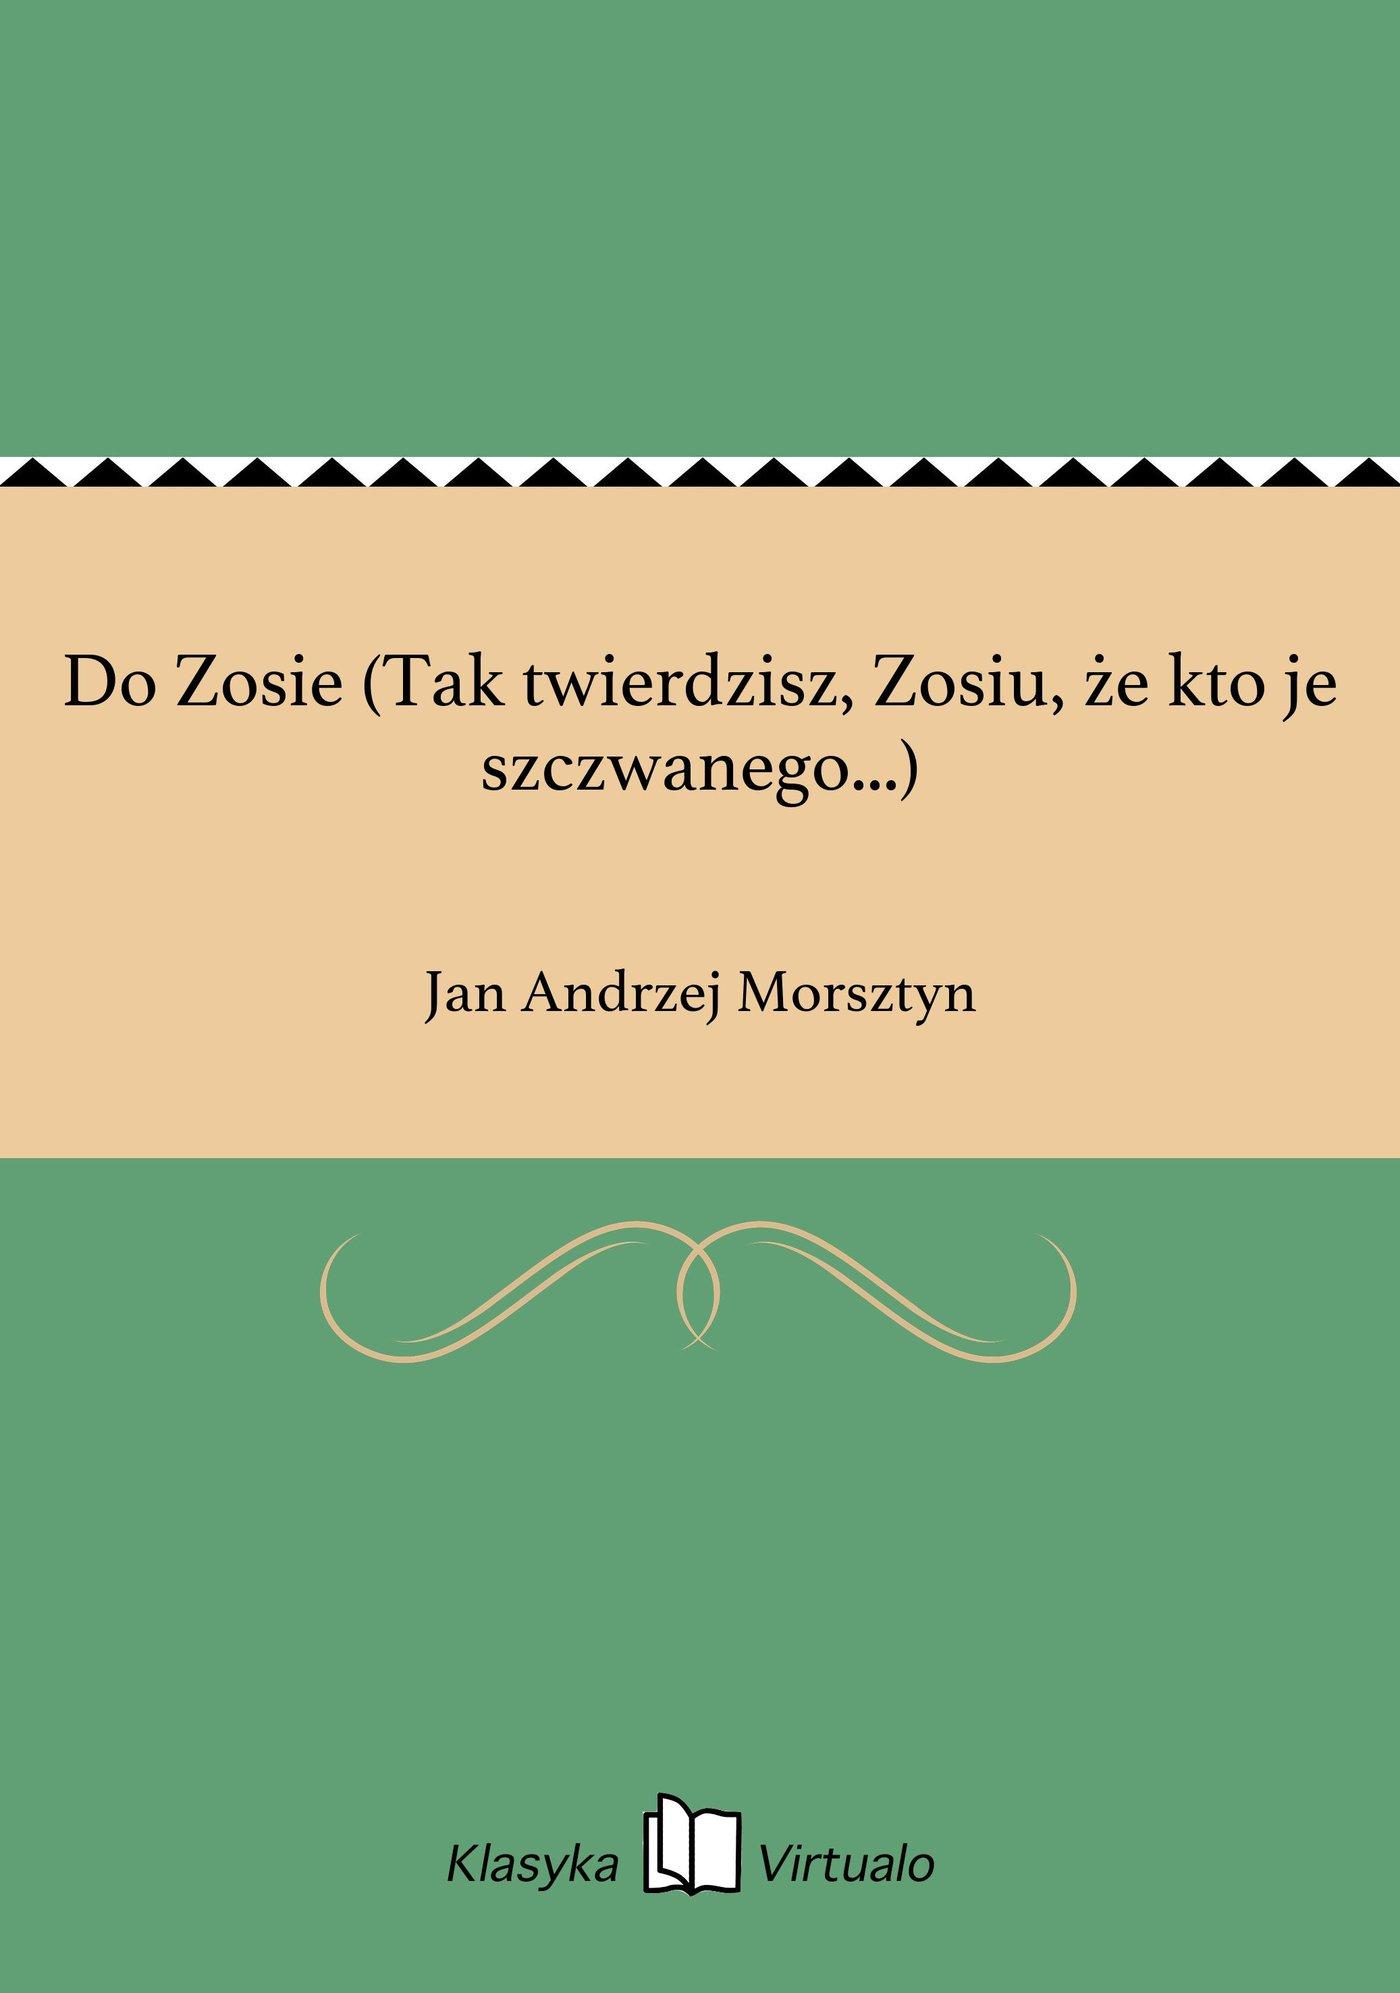 Do Zosie (Tak twierdzisz, Zosiu, że kto je szczwanego...) - Ebook (Książka EPUB) do pobrania w formacie EPUB